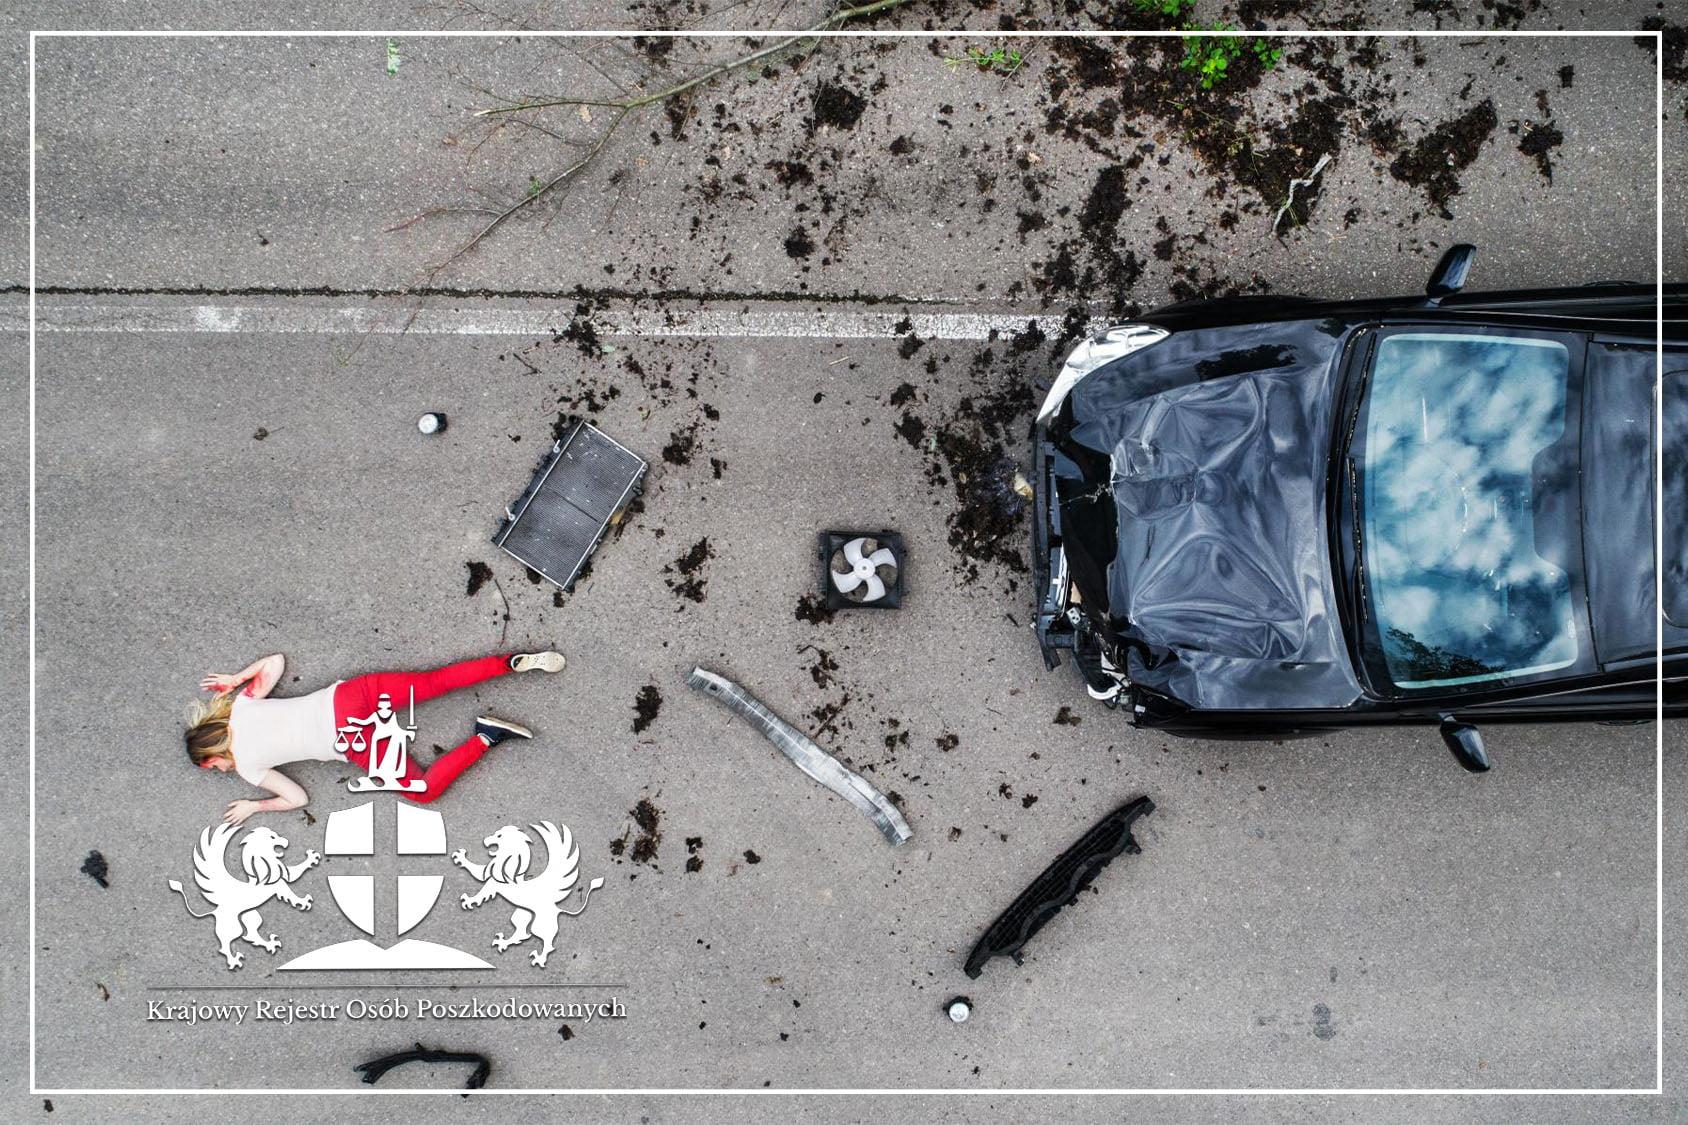 Odszkodowanie z OC sprawcy wypadku samochodowego śmiertelnego